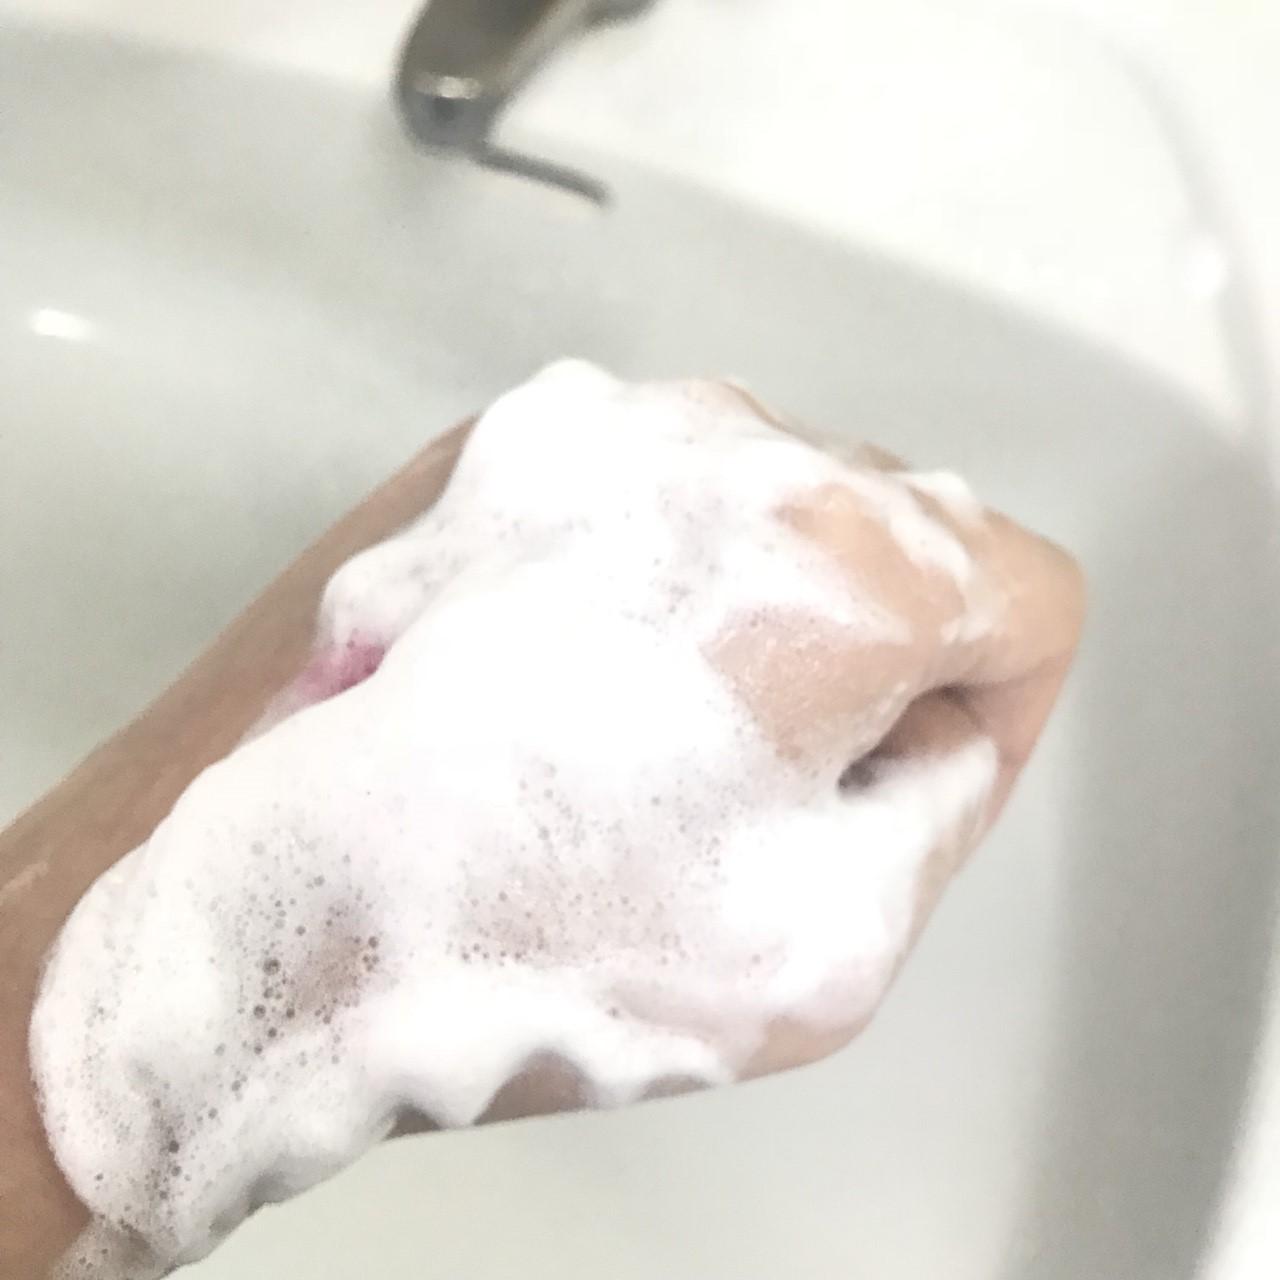 看看這綿密的泡沫~真的超細密的!